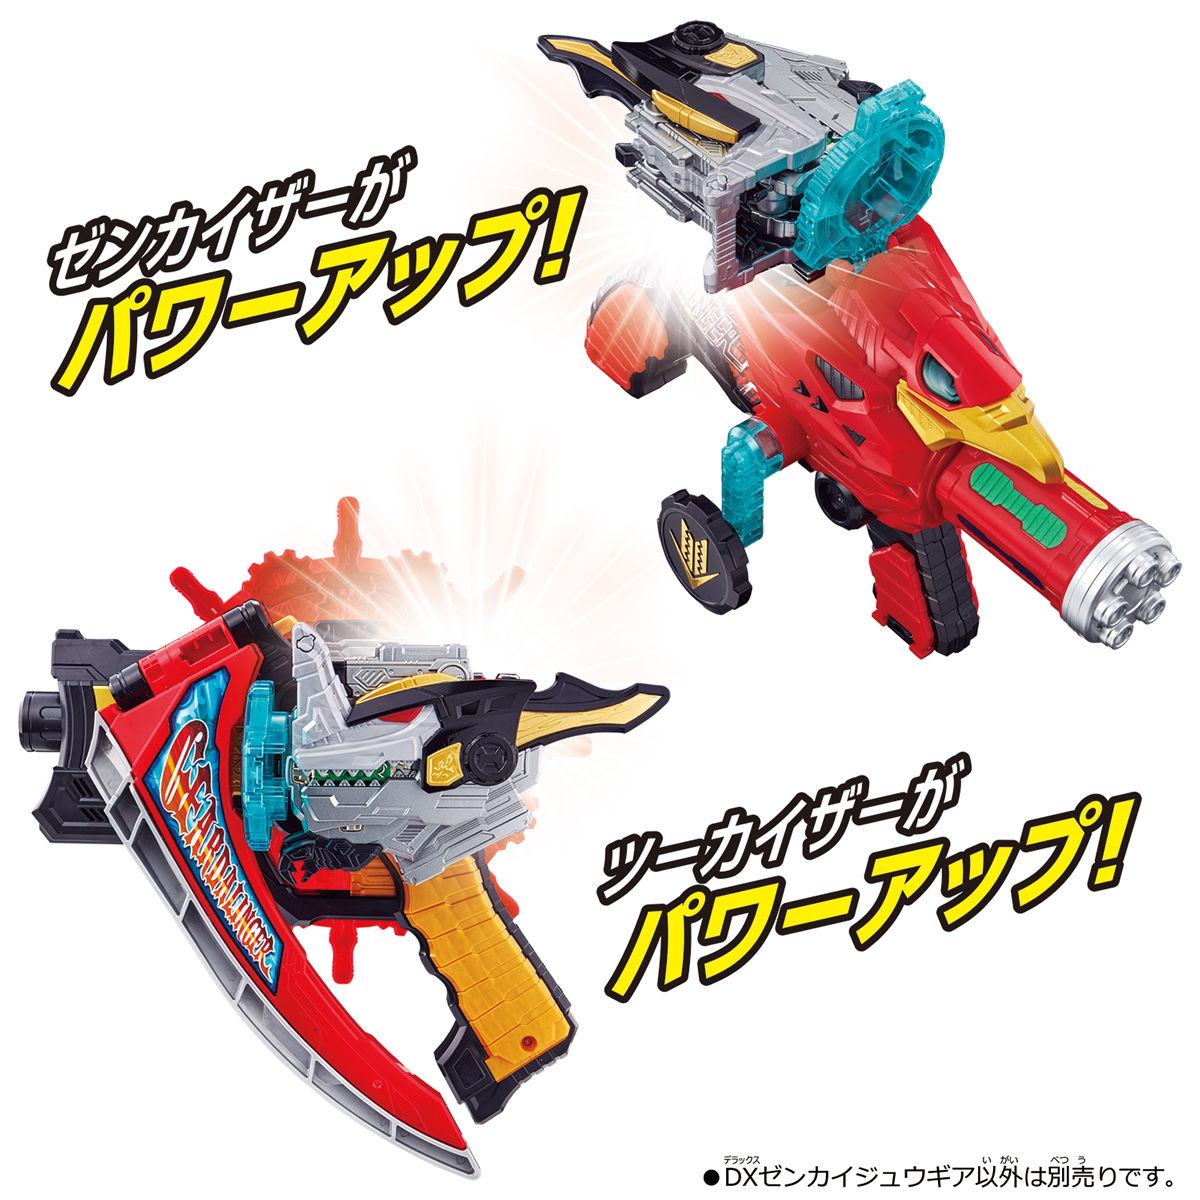 機界戦隊ゼンカイジャー『DXゼンカイジュウギア』変身なりきり-002